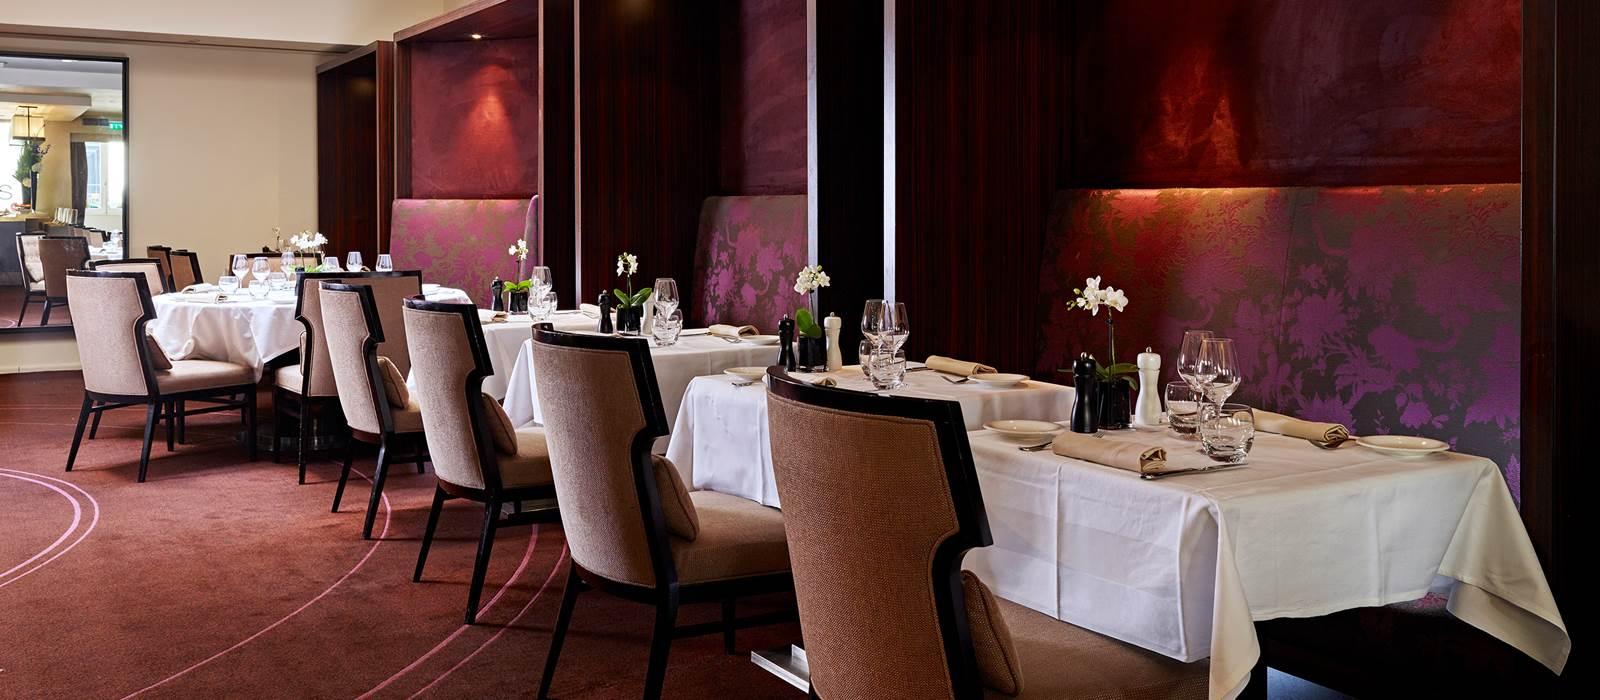 Hotel de la Tremoille   Five-Star Spa Hotel Paris